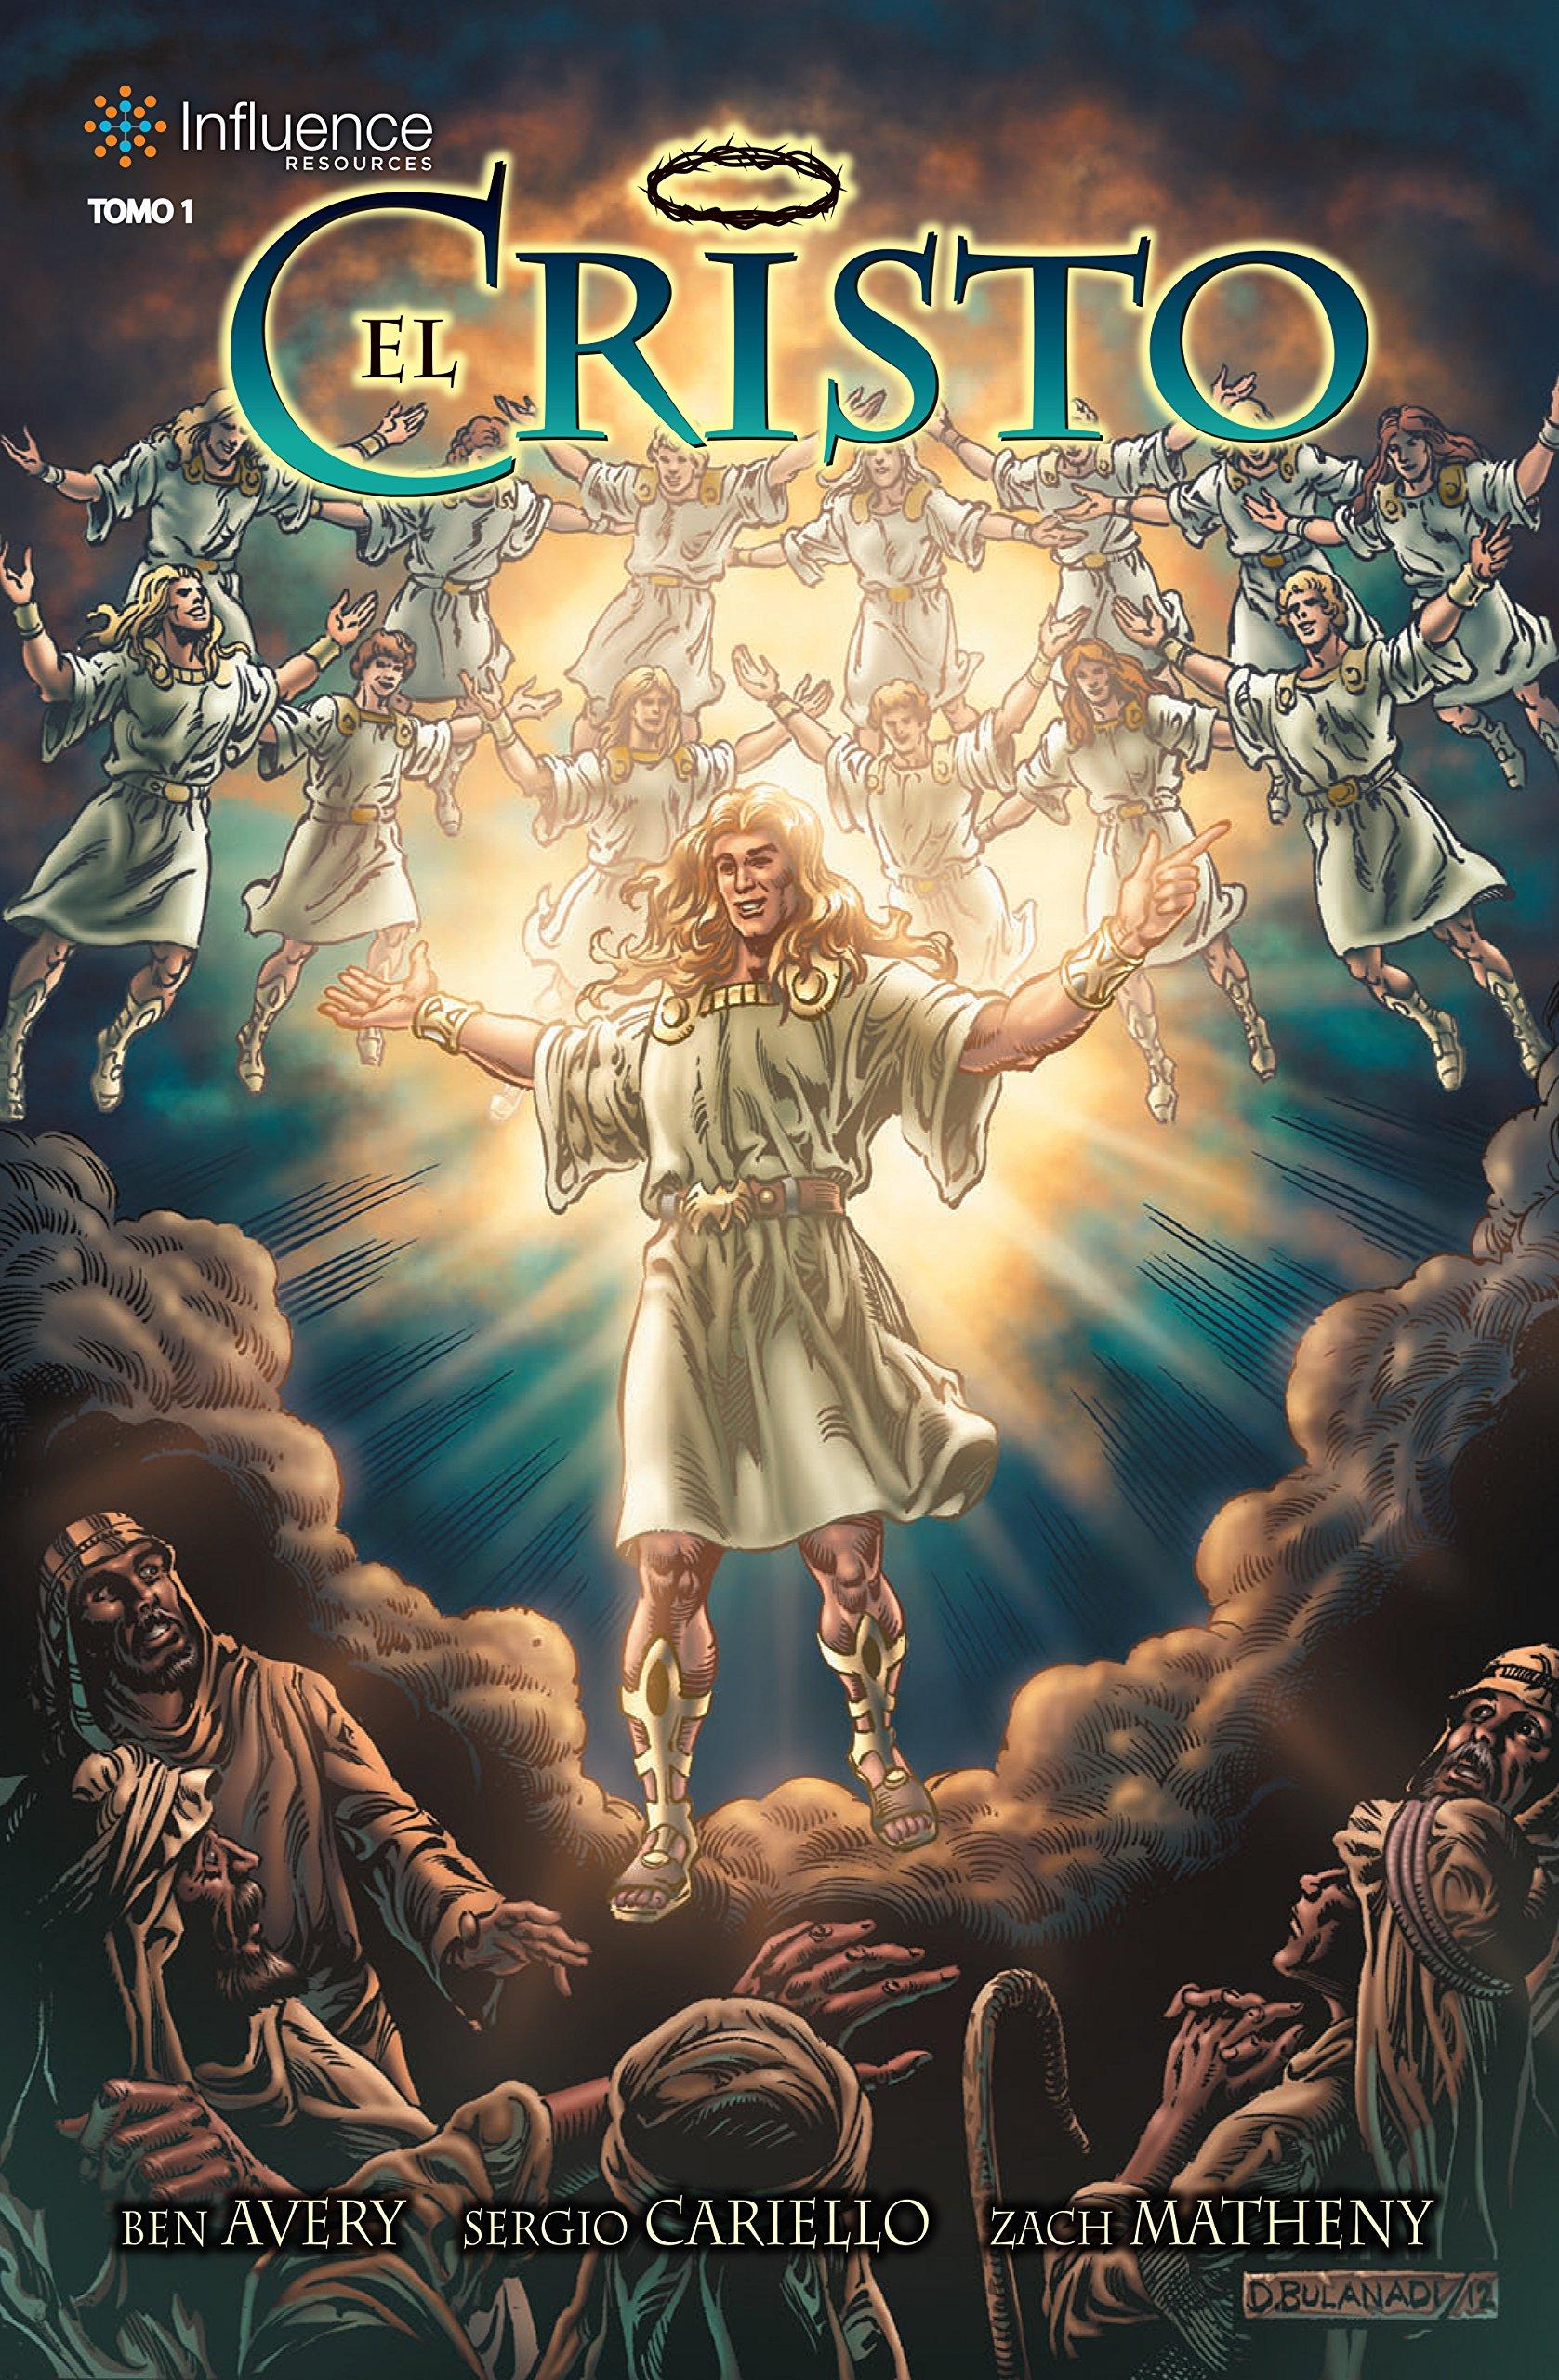 Read Online El Cristo tomo 1 (Spanish Edition) PDF ePub ebook